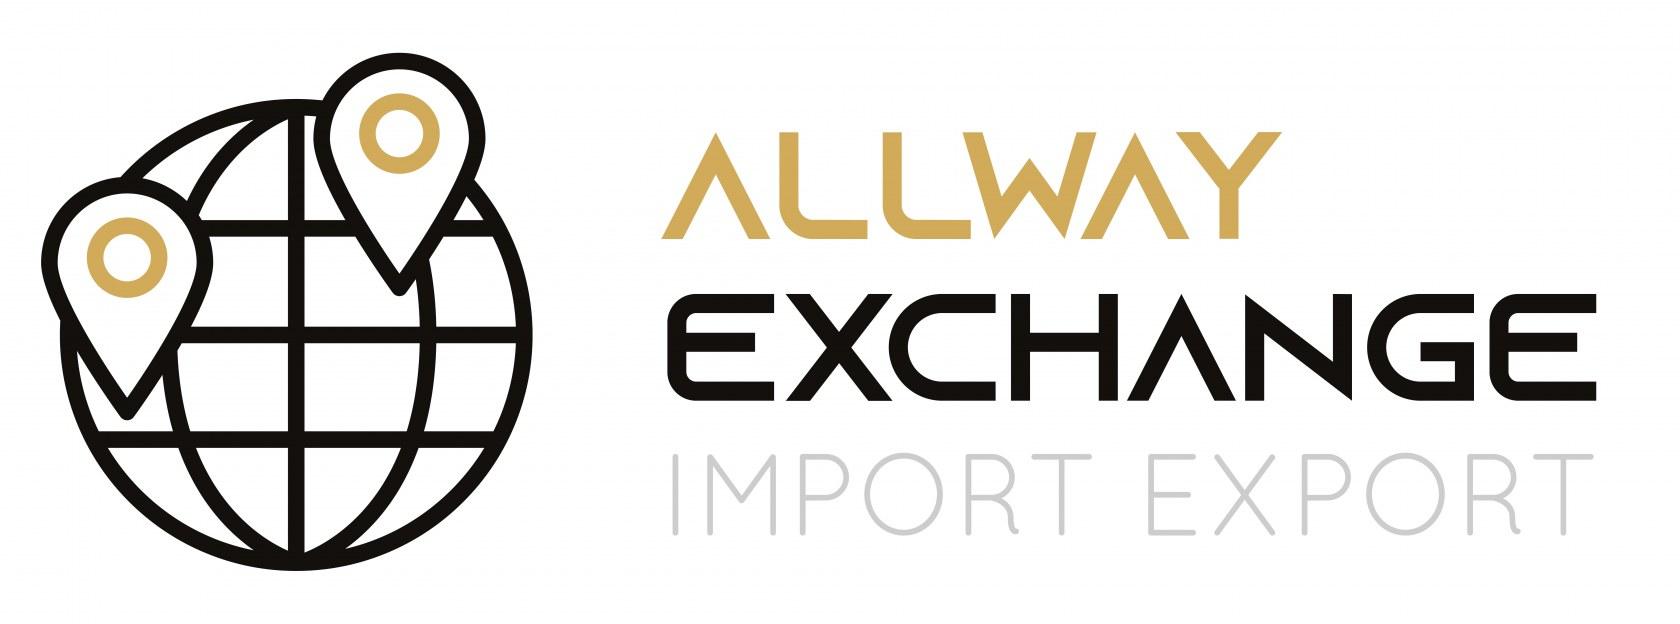 AllWay Exchange